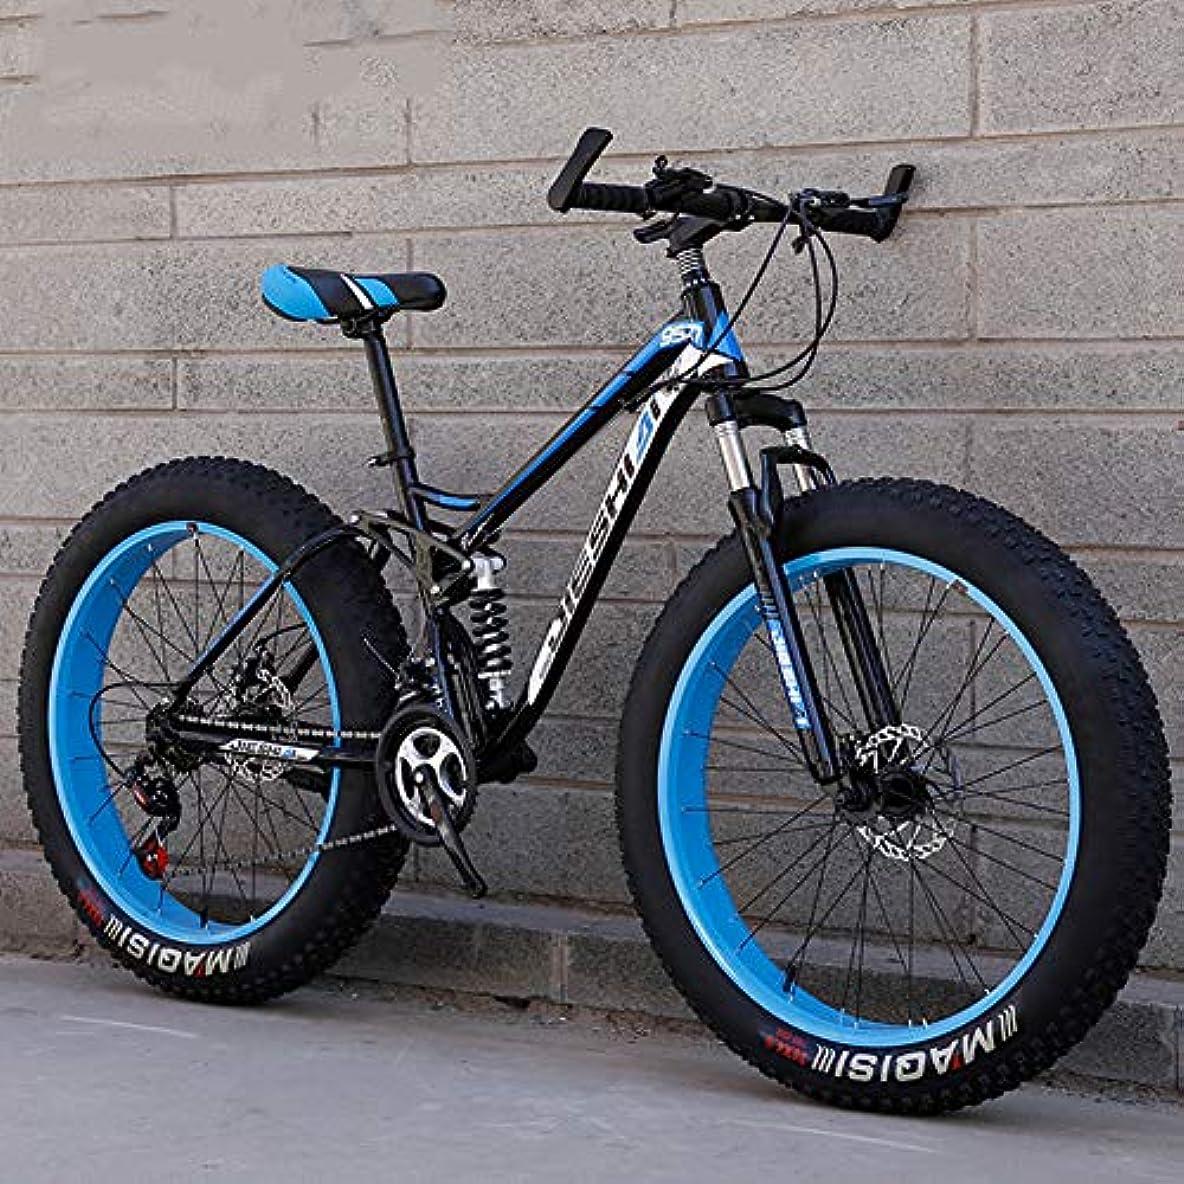 防ぐ夜の動物園水っぽいアダルトスノー/ビーチ/マウンテンバイク26インチデュアルディスクブレーキビッグホイール自転車全地形脂肪タイヤ滑り止め自転車,ブルー,24 Speed